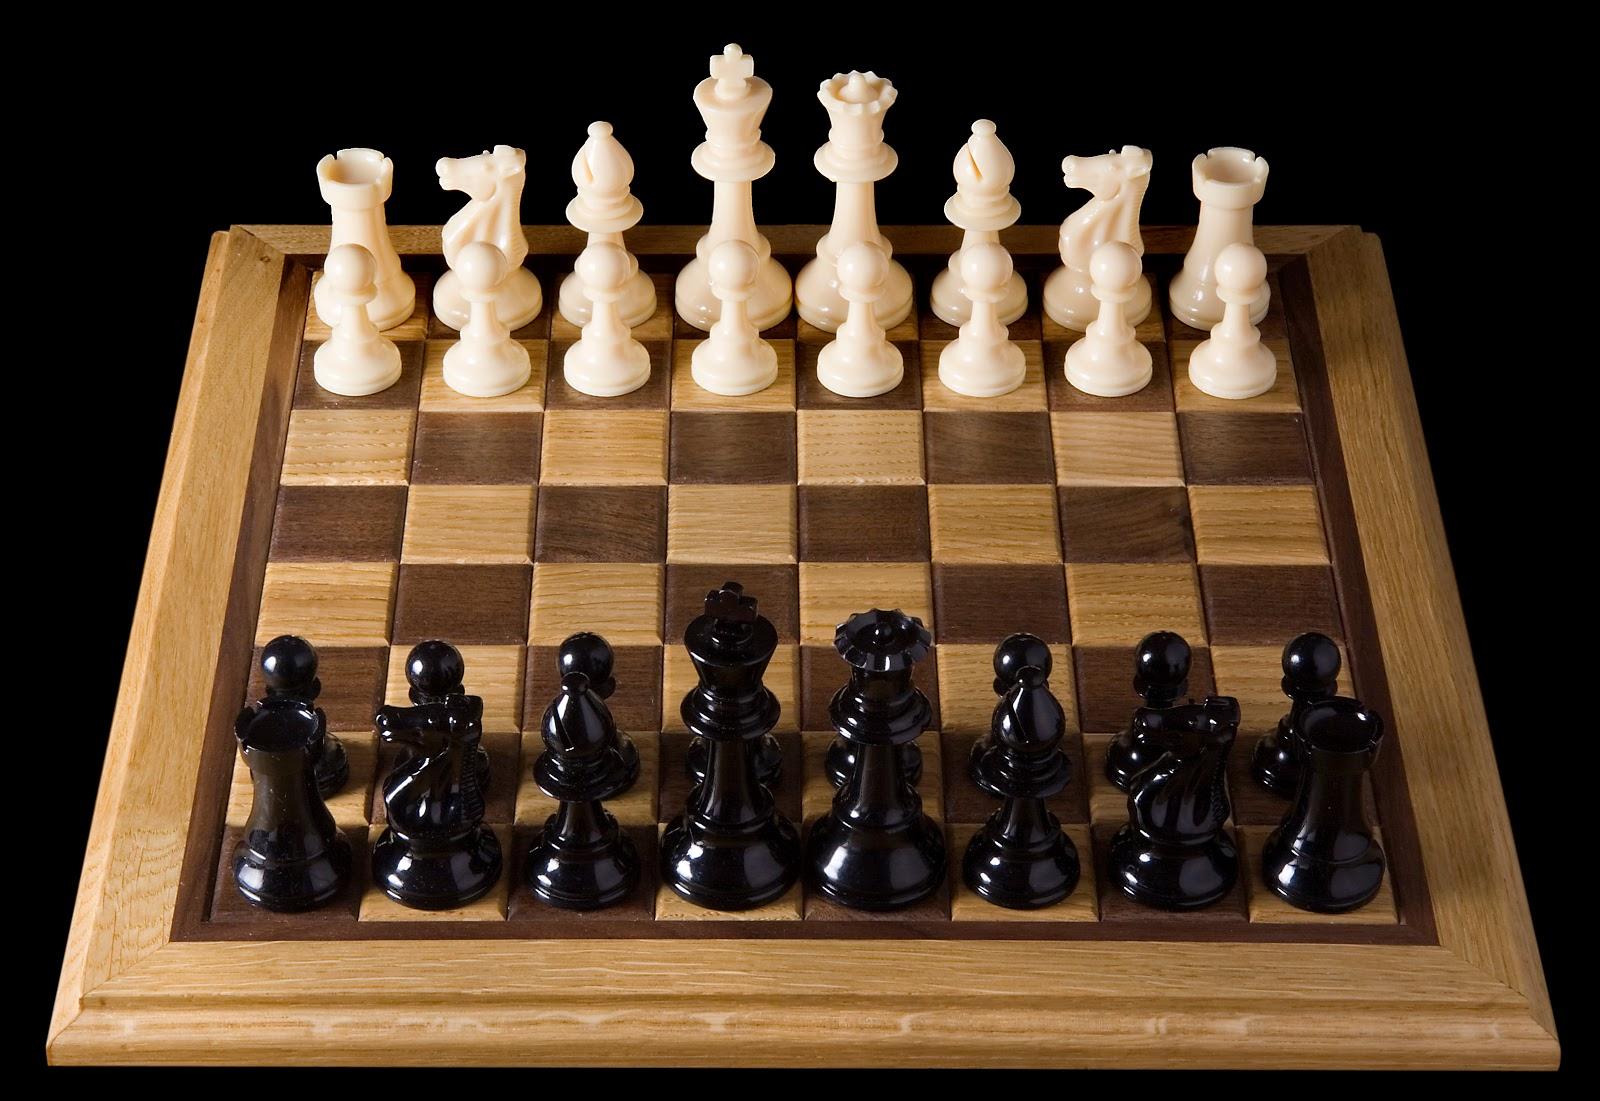 対局前の白と黒の駒が分かれて並んでいるチェス盤